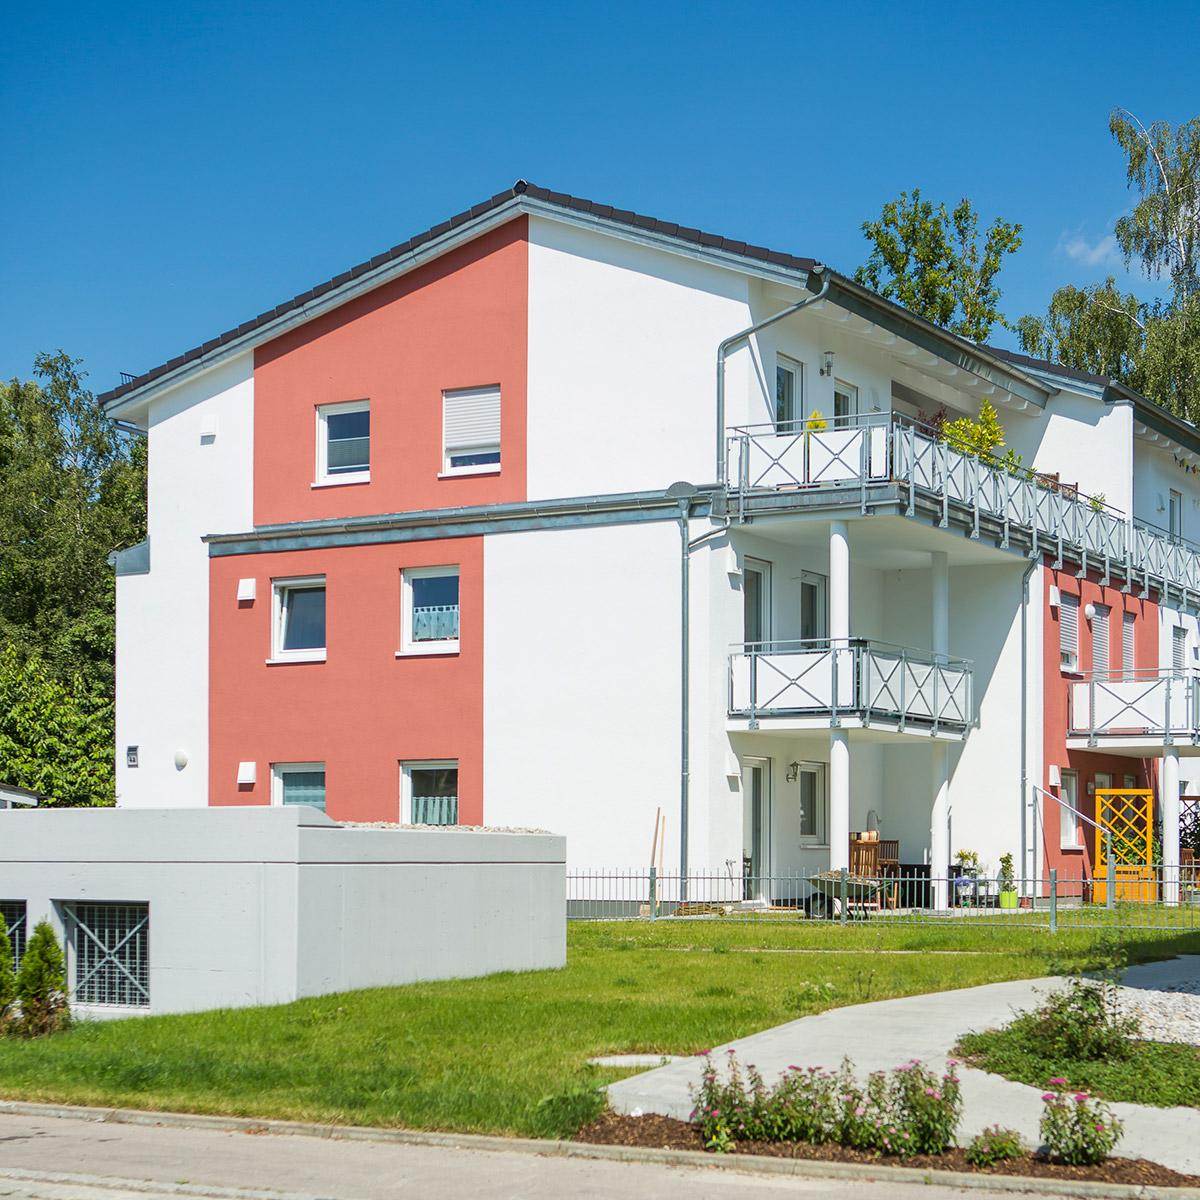 150630_rau_087-tv_Singoldstrasse